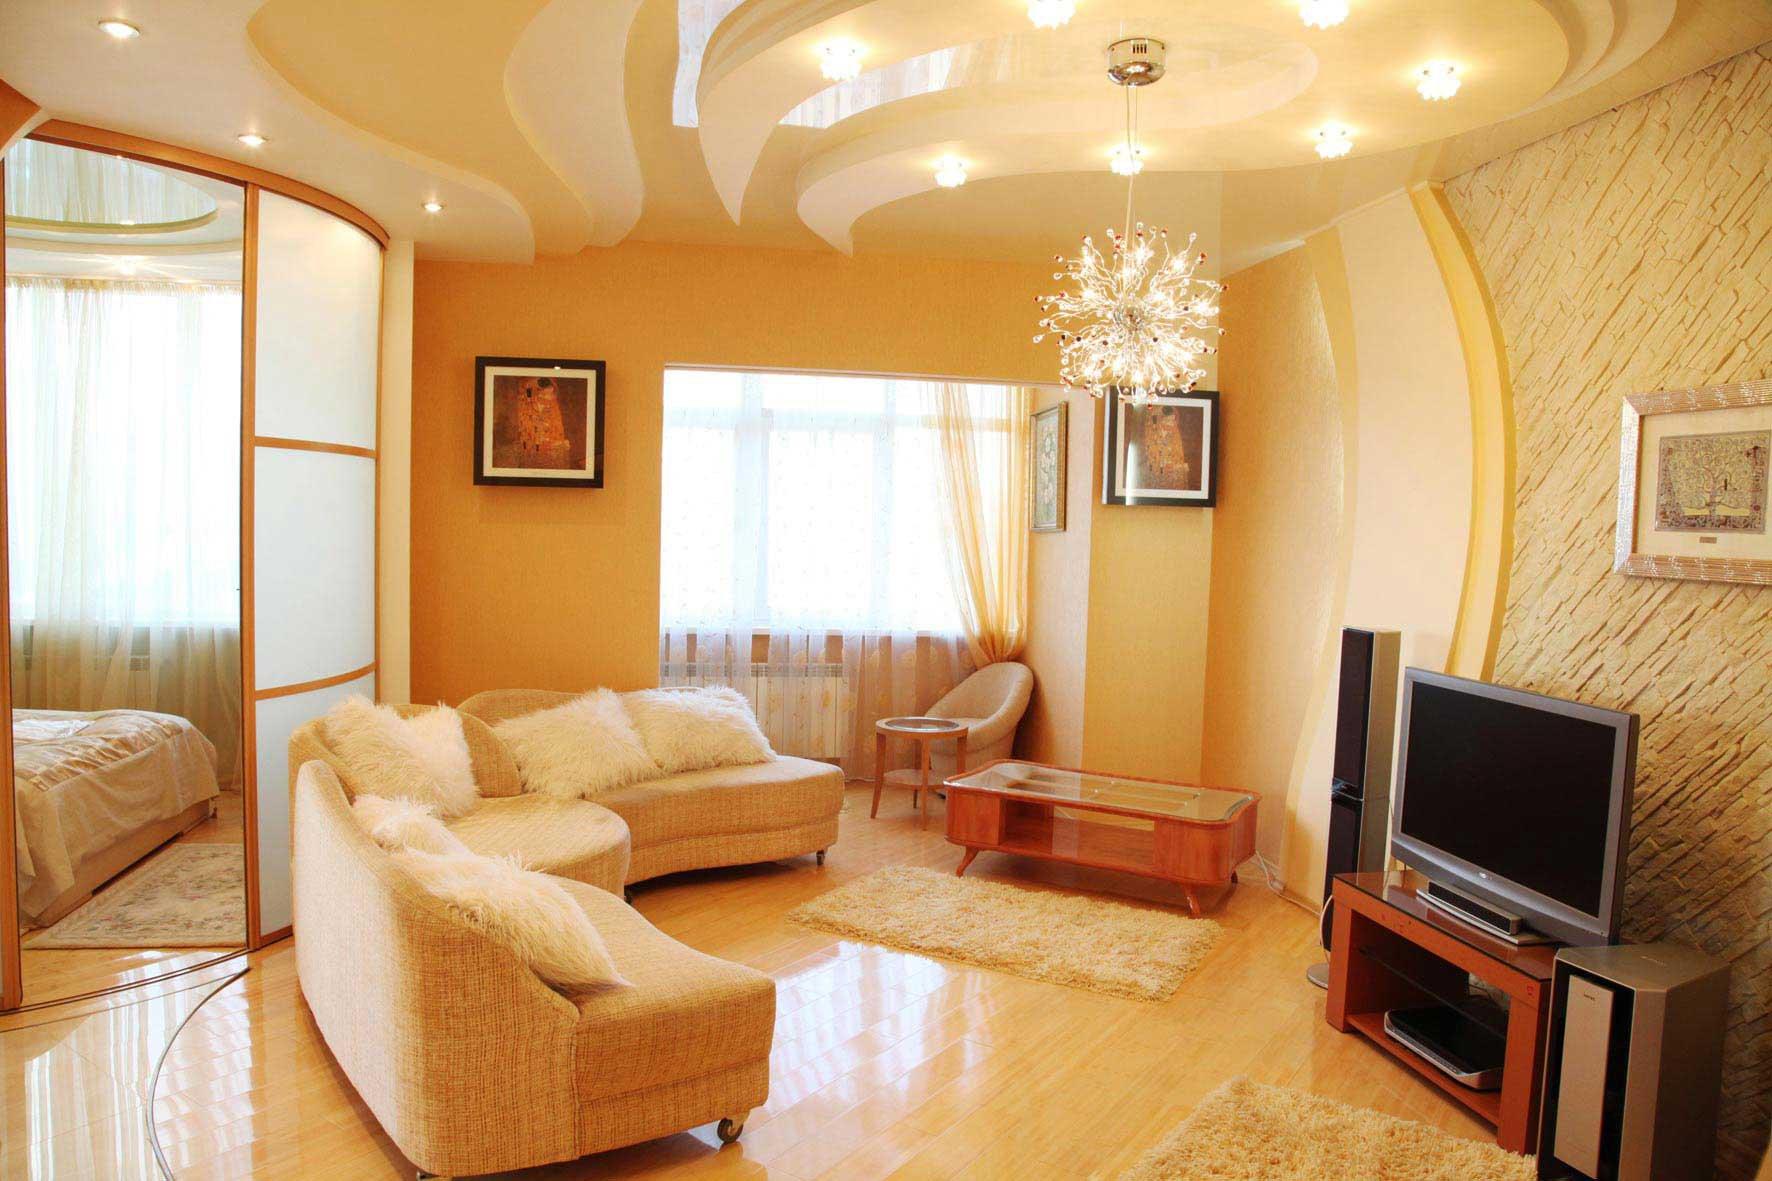 Красивый ремонт квартир своими руками фото